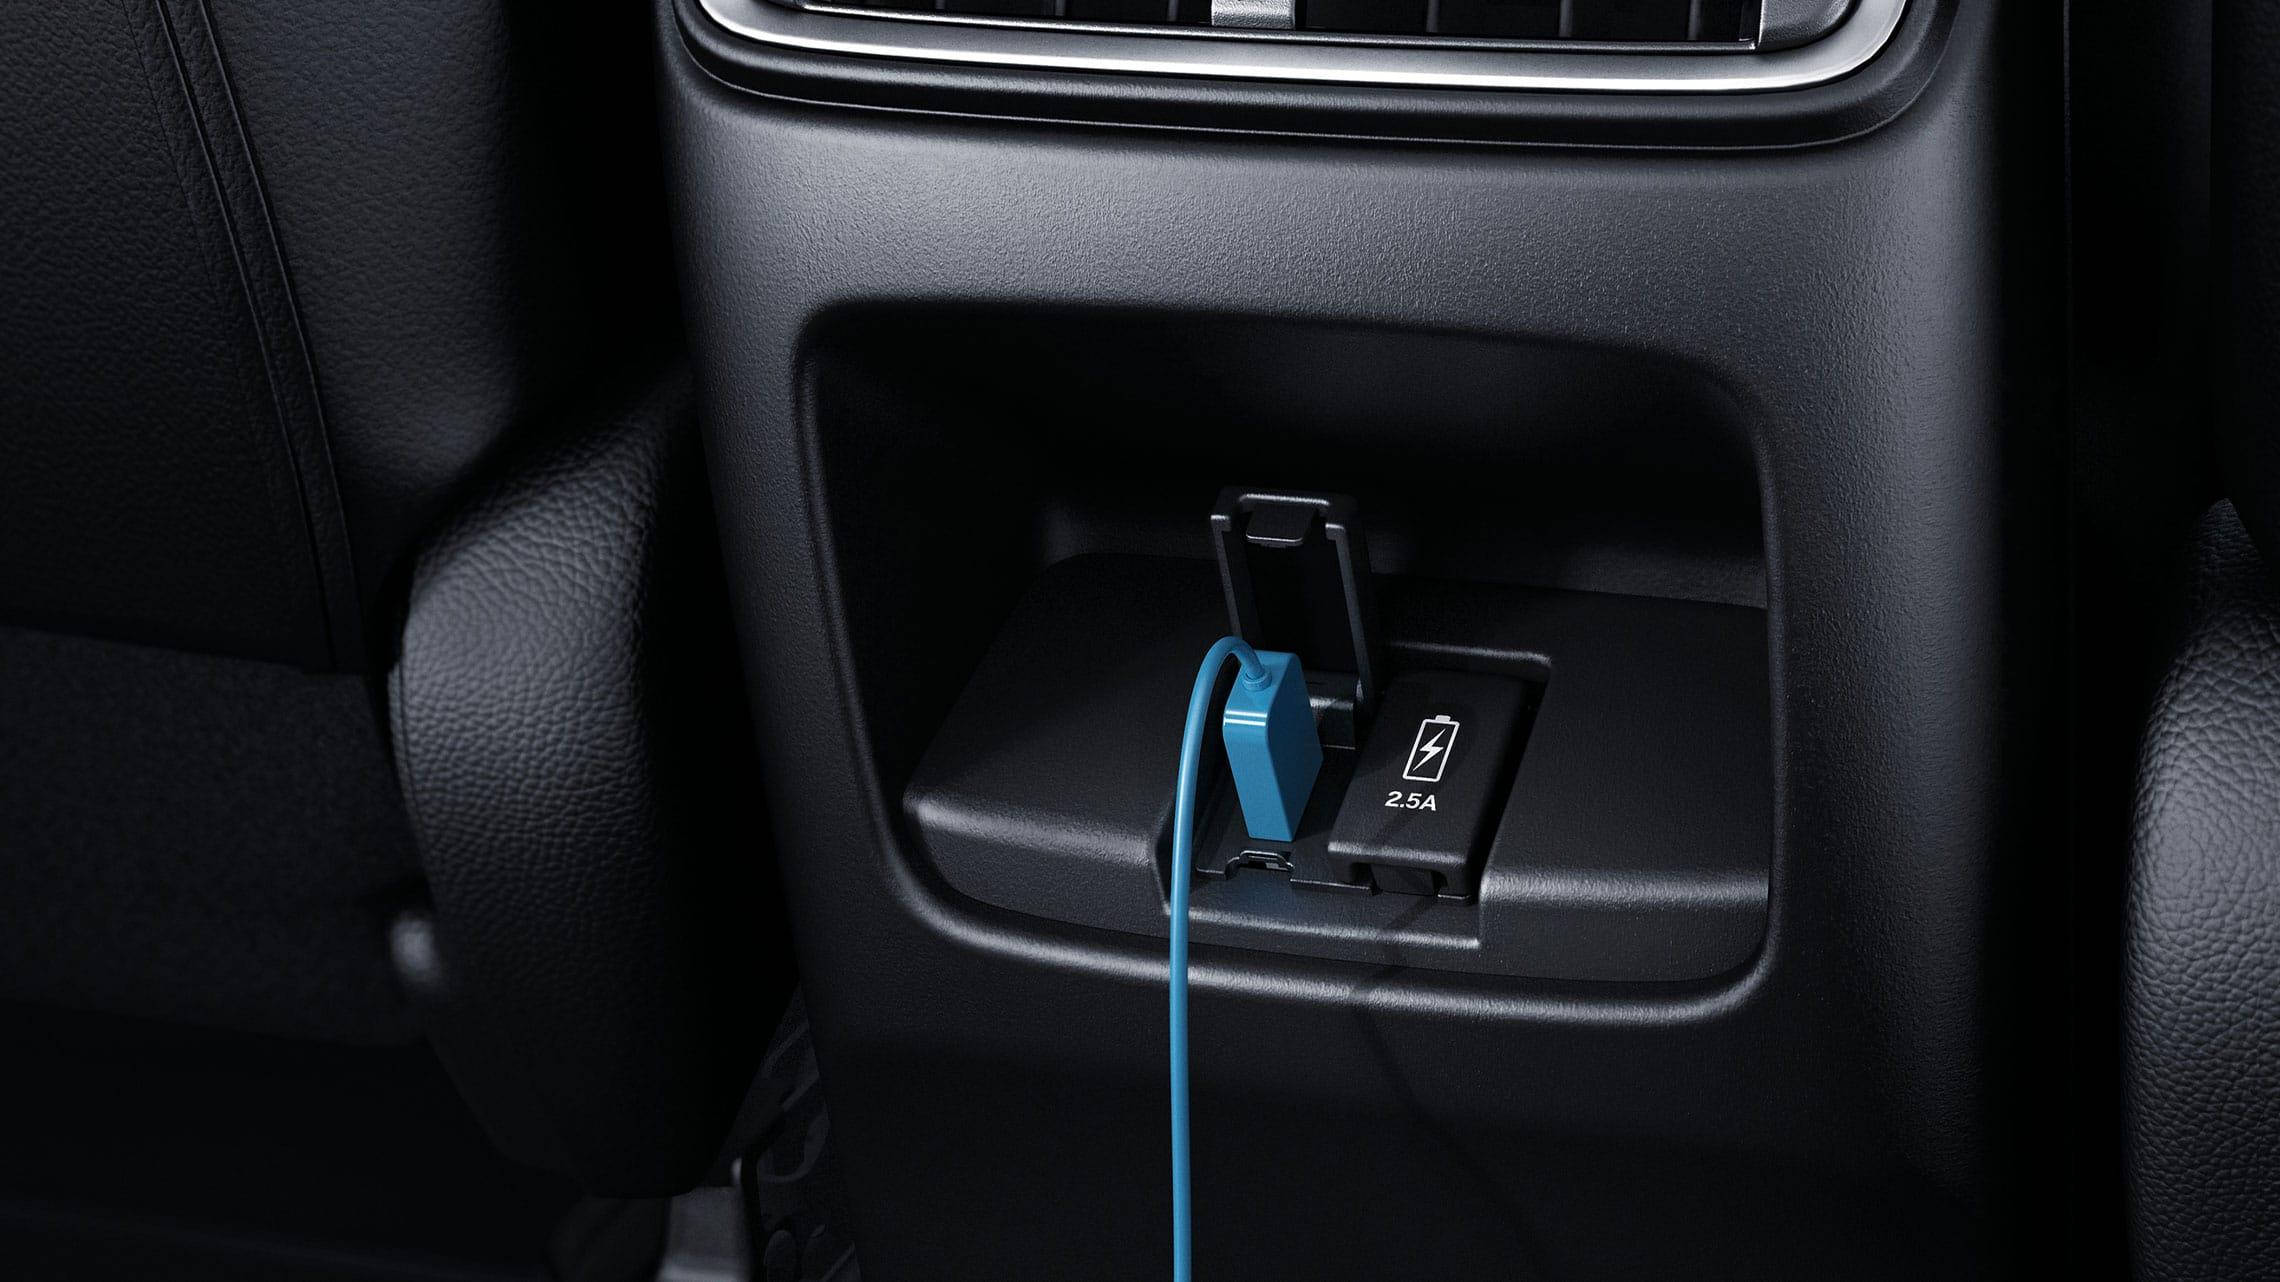 Vista del interior de los puertos USB traseros en la Honda CR-V2020.